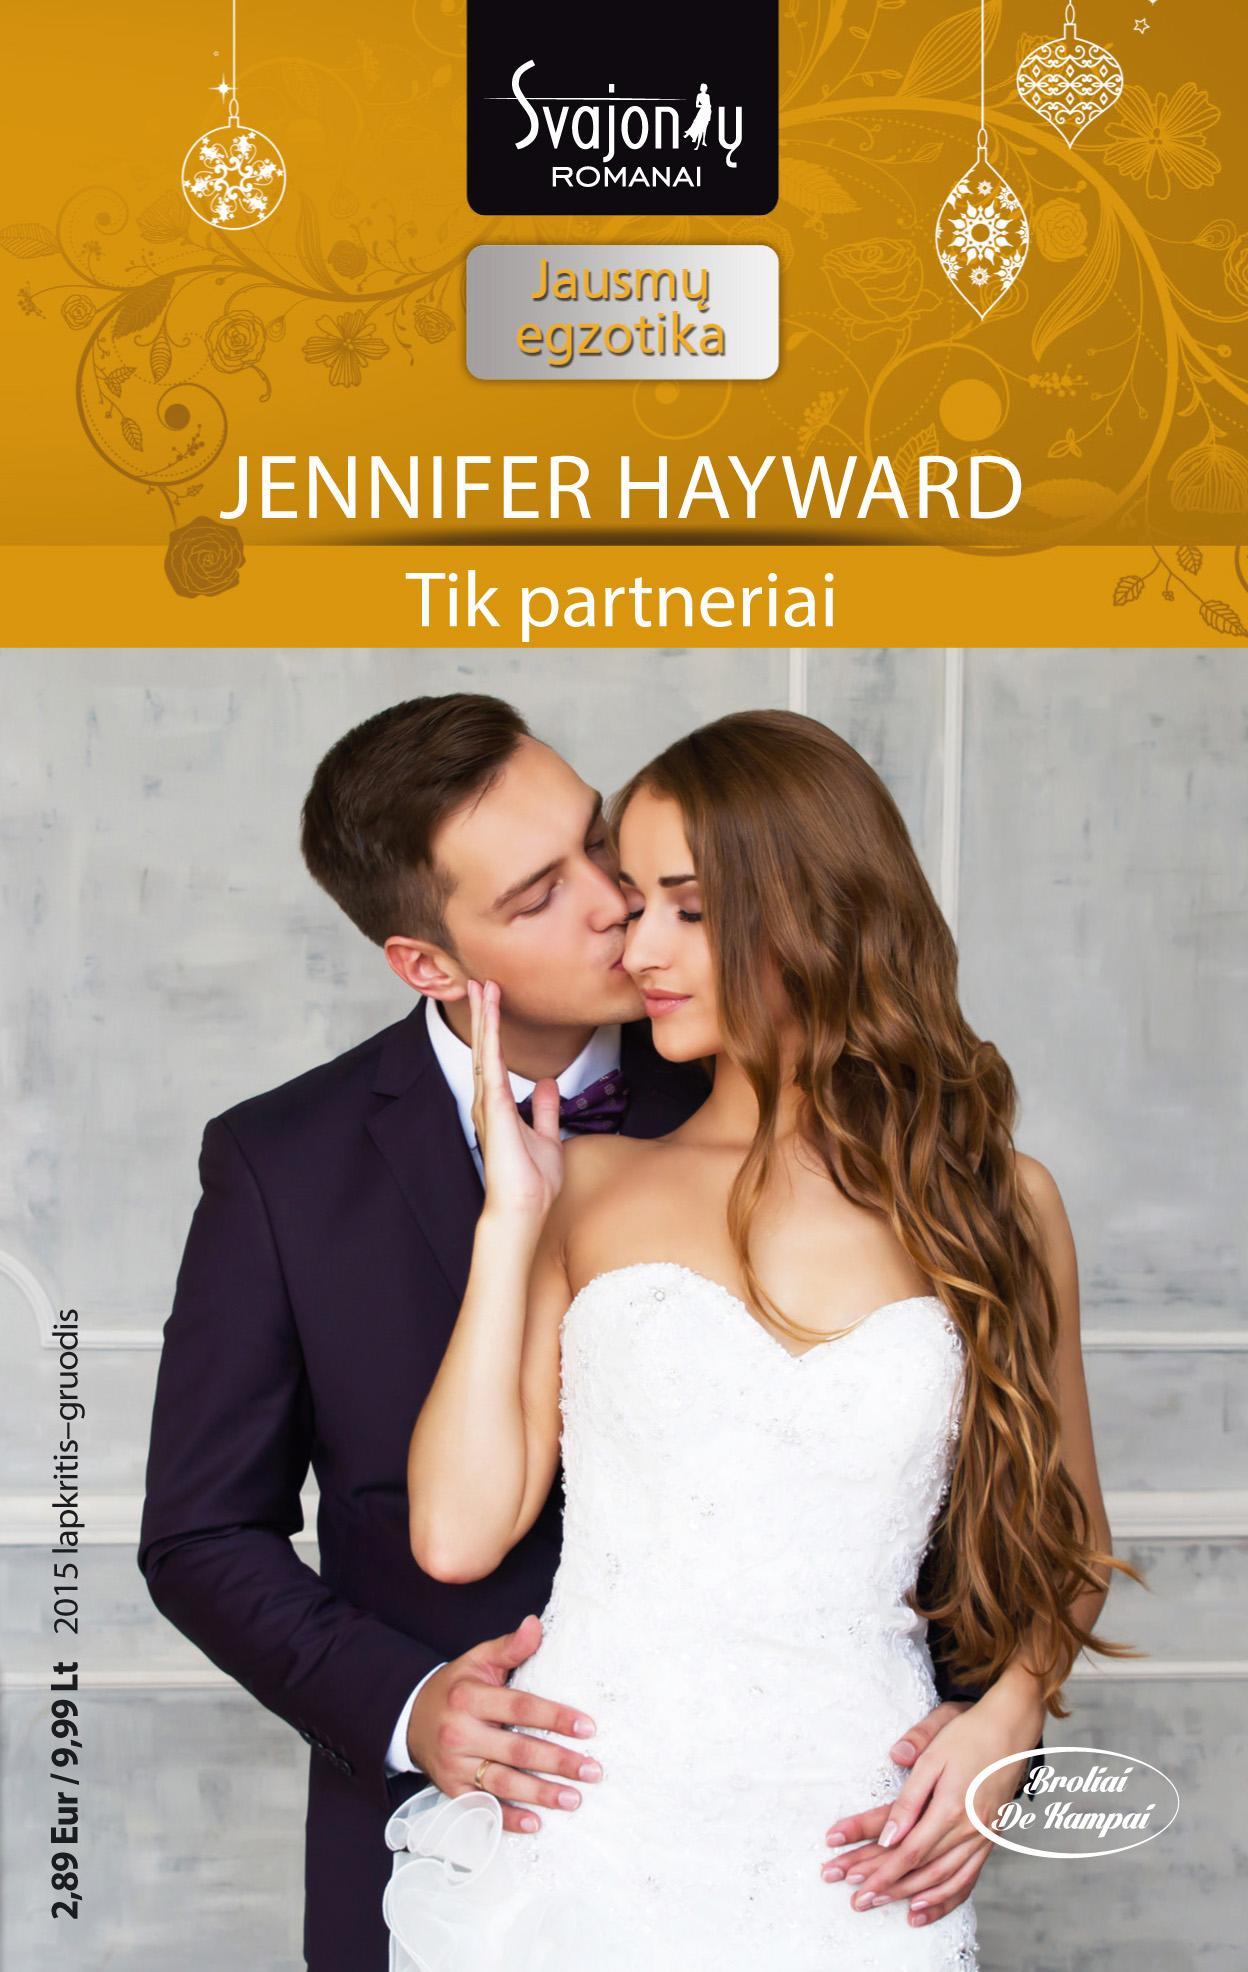 Дженнифер Хейворд Tik partneriai peter stjernström geriausia knyga pasaulyje